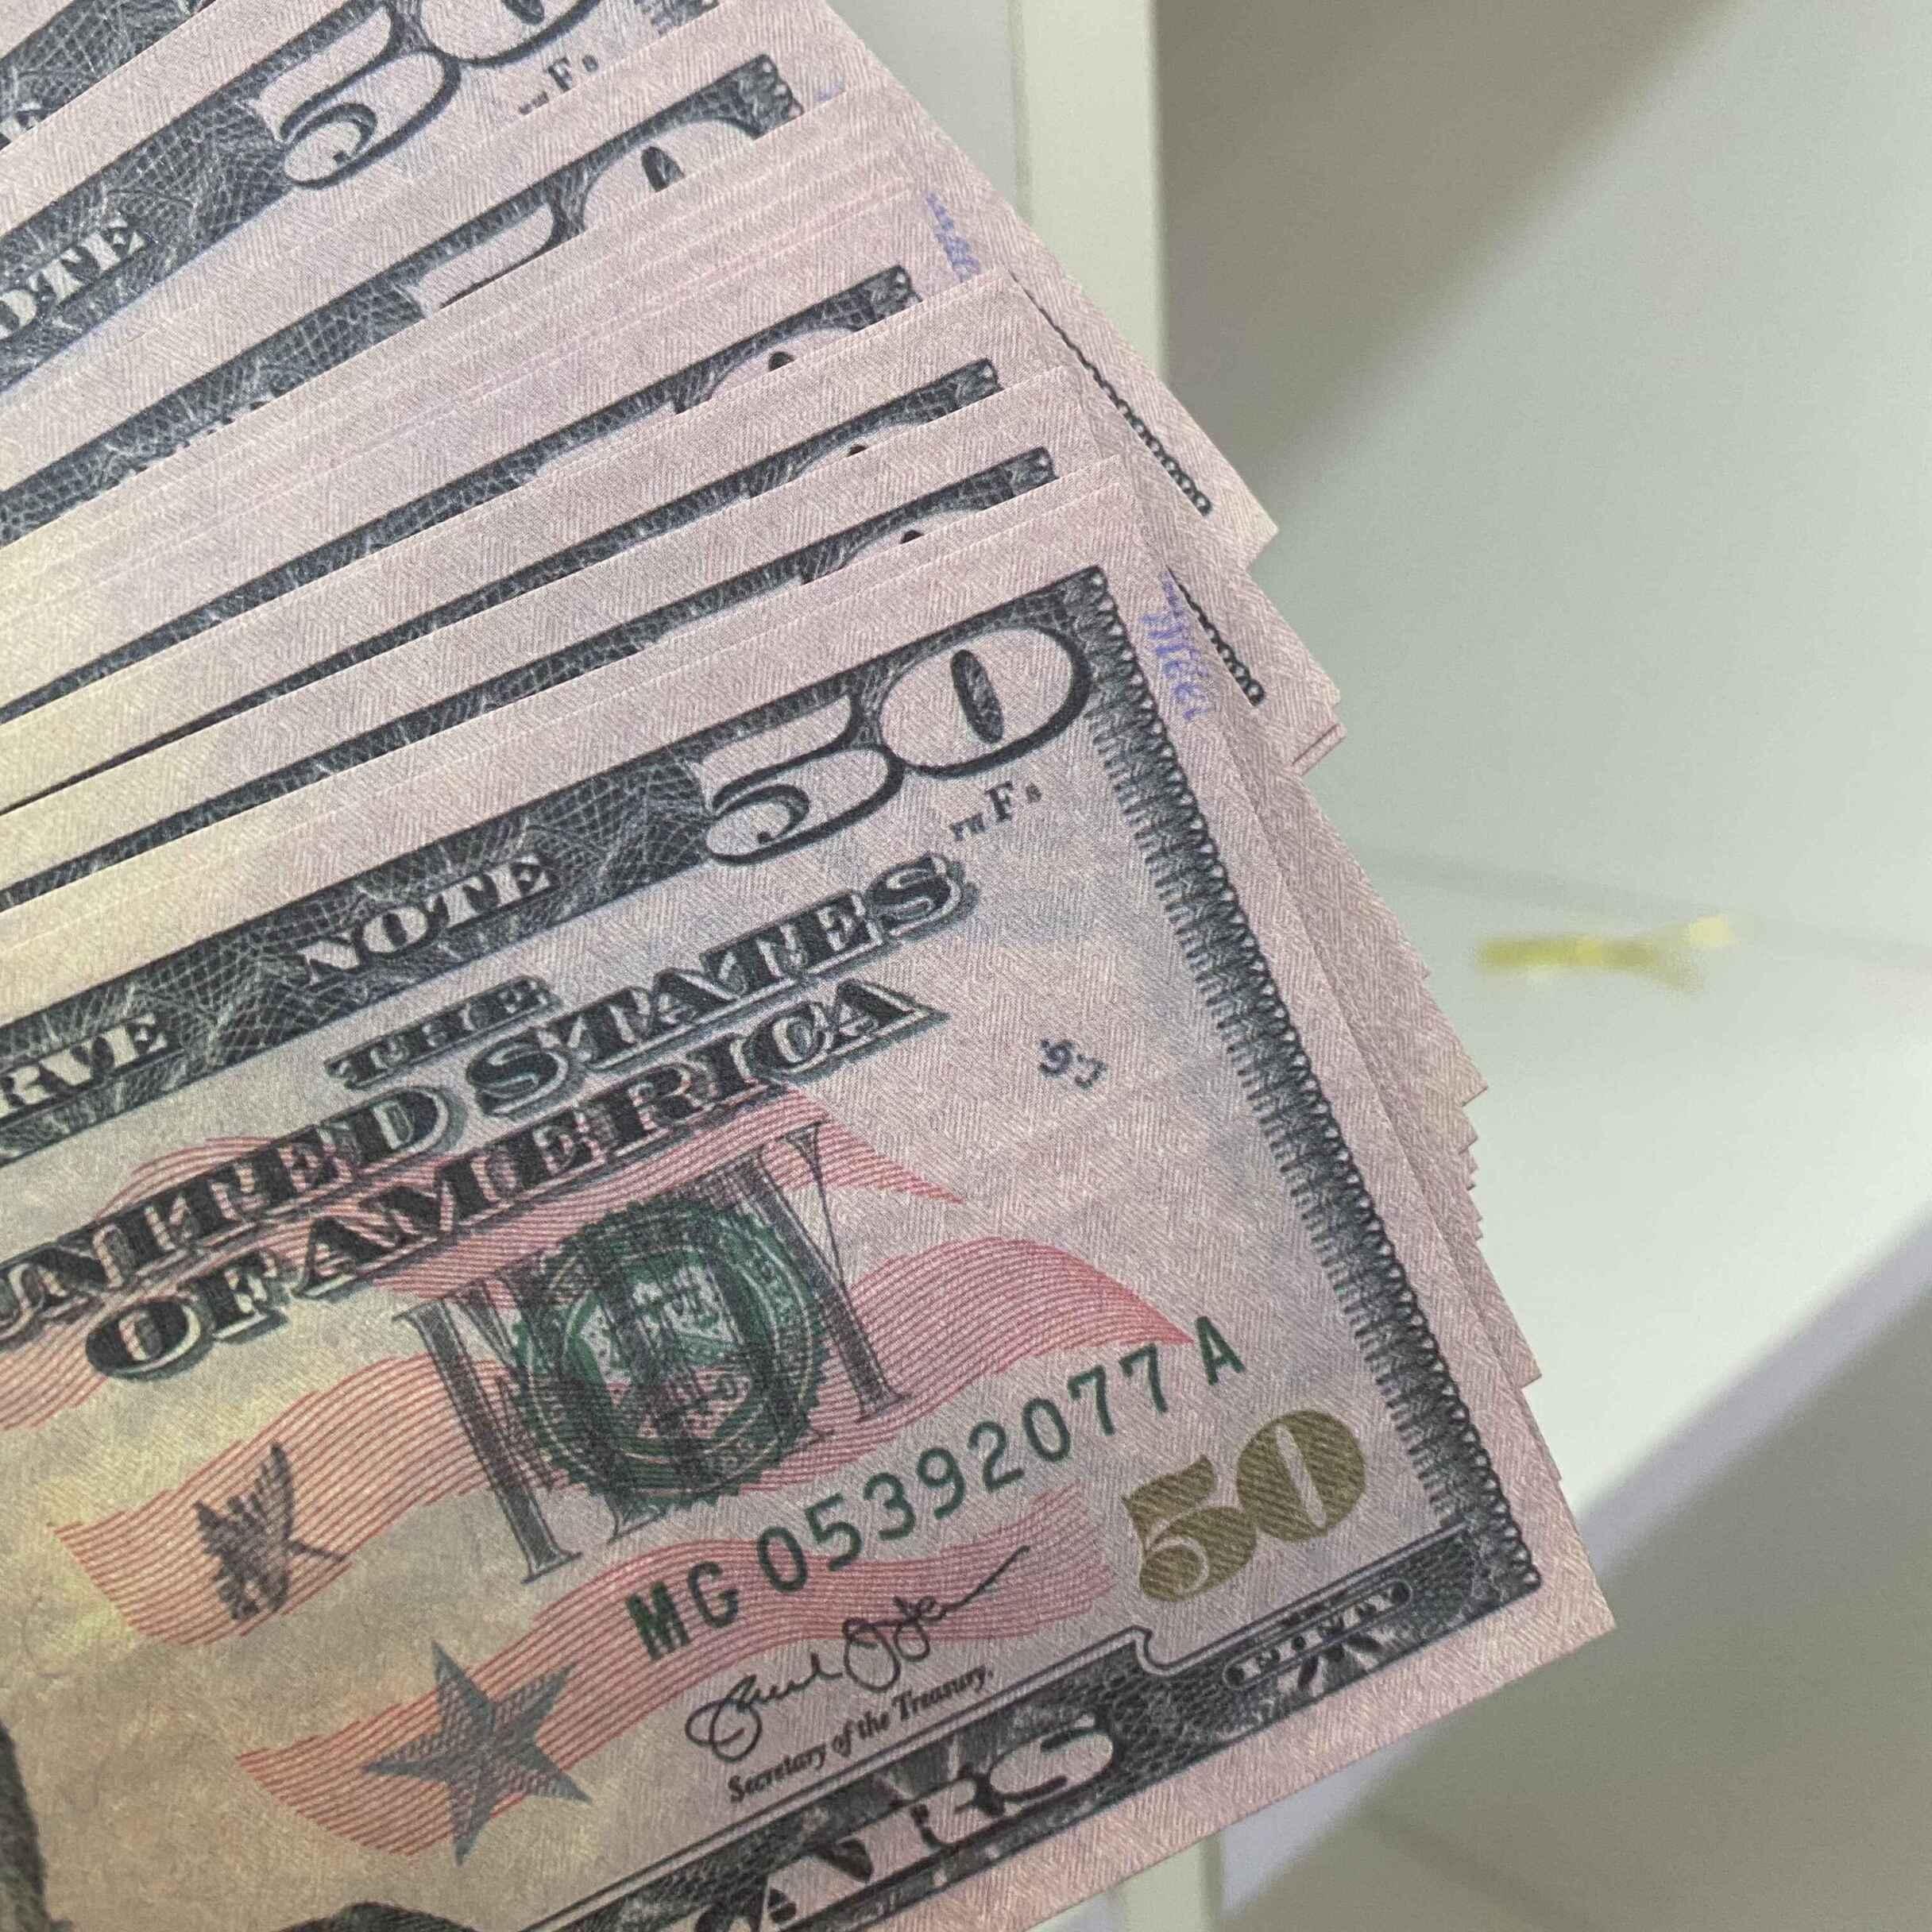 Для 100 / упаковки денег деньги Prorg деньги счета банкноты цена Бизнес подделкой 02 мужчины 50 бумажных банкнот доллар коллекции подарков поддельные WBJMJ